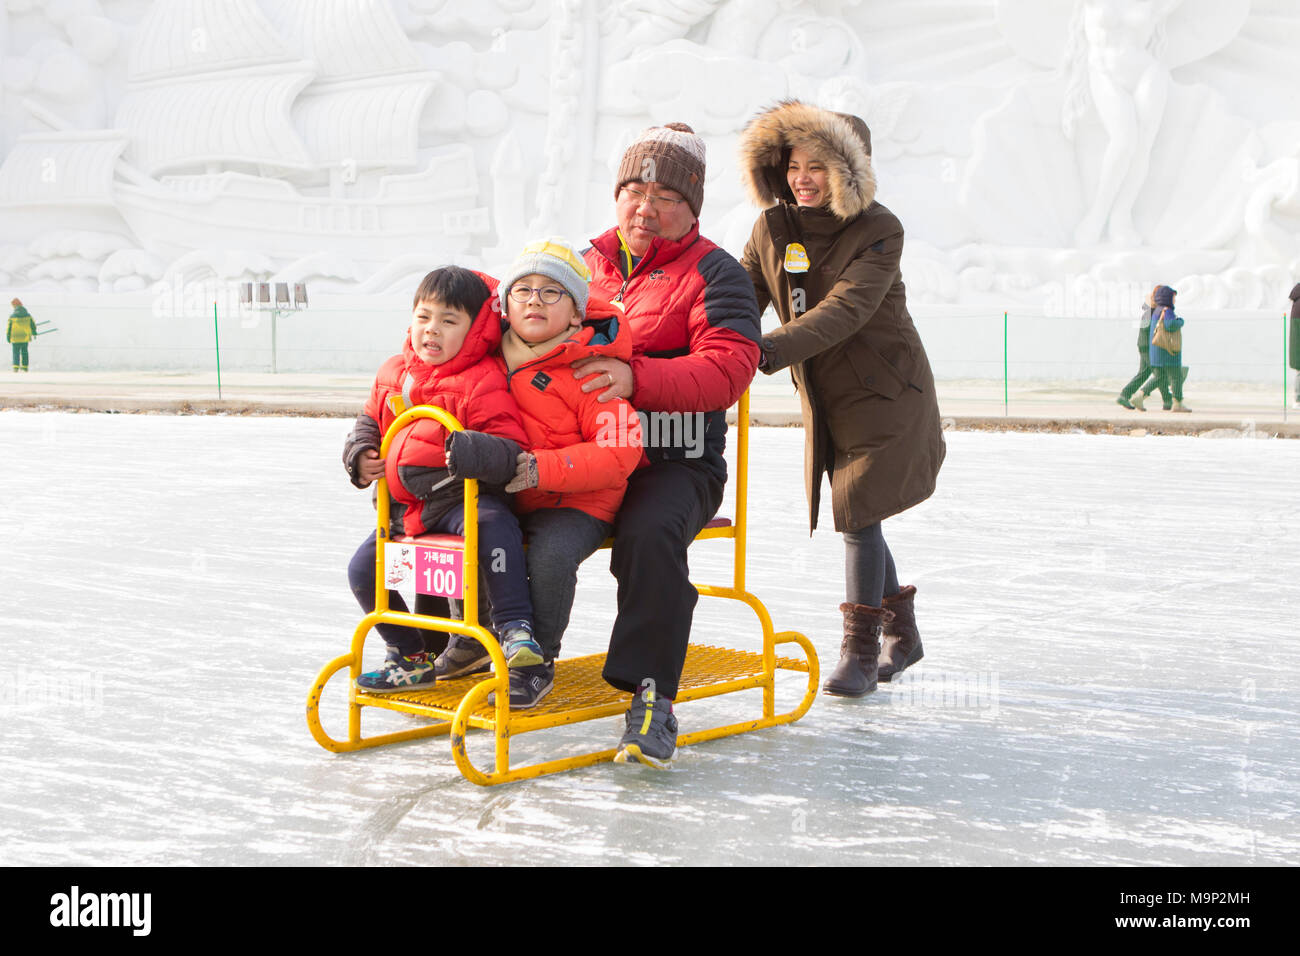 Eine asiatische Familie ist Spaß auf eine Gruppe Schlitten auf einem zugefrorenen Fluss. Die Hwacheon Sancheoneo Ice Festival ist eine Tradition für die Menschen in Korea. Jedes Jahr im Januar Menschenmassen versammeln sich auf dem zugefrorenen Fluss der Kälte und dem Schnee des Winters zu feiern. Hauptattraktion ist Eisfischen. Jung und Alt warten geduldig auf ein kleines Loch im Eis für eine Forelle zu beißen. In zelten Sie können den Fisch vom Grill, nach dem sie gegessen werden. Unter anderem sind Rodeln und Eislaufen. Die in der Nähe Pyeongchang Region wird Gastgeber der Olympischen Winterspiele im Februar 2018. Stockbild